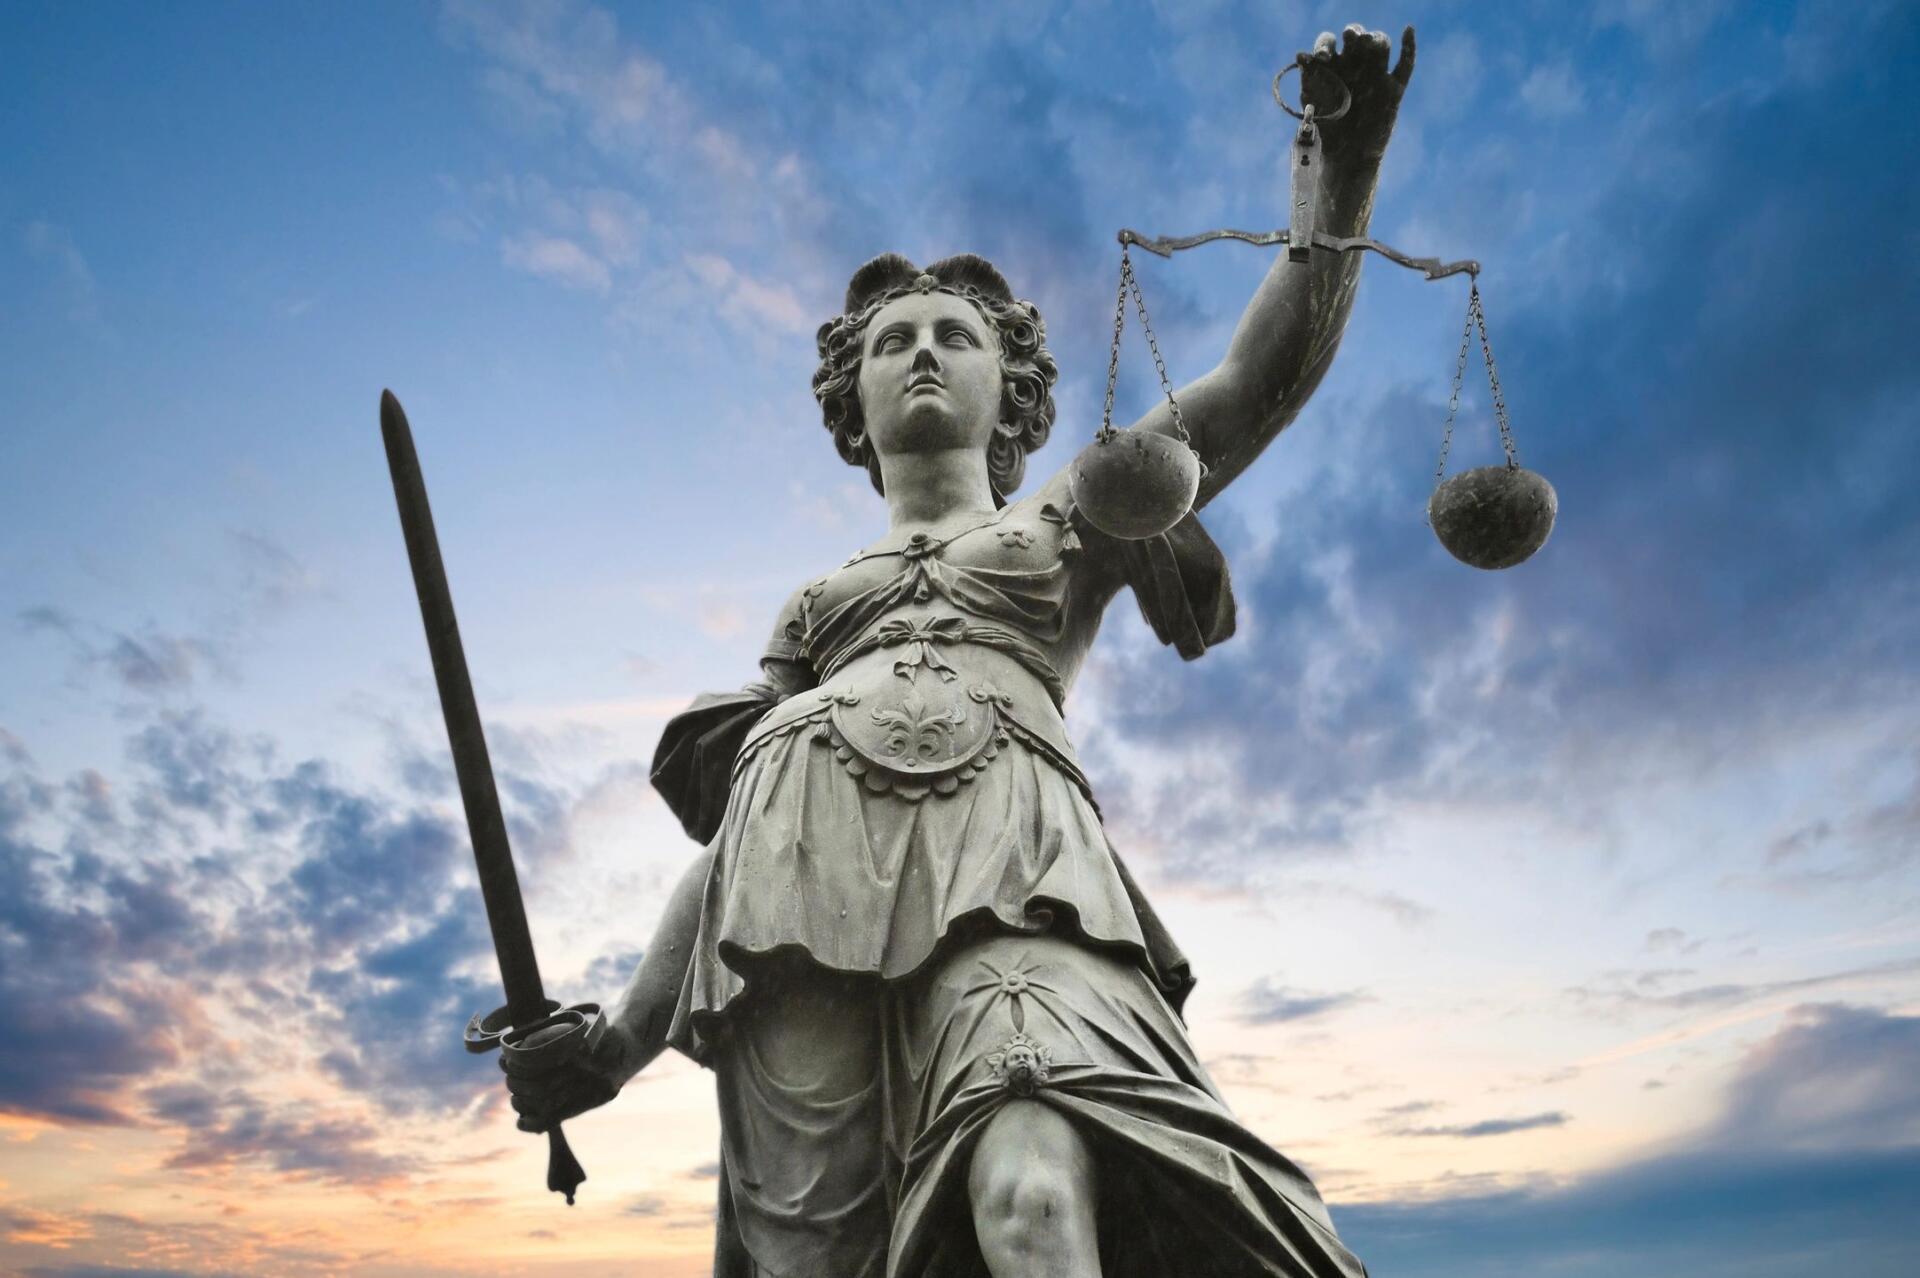 Lesiones Personales - ¿Necesito un abogado?